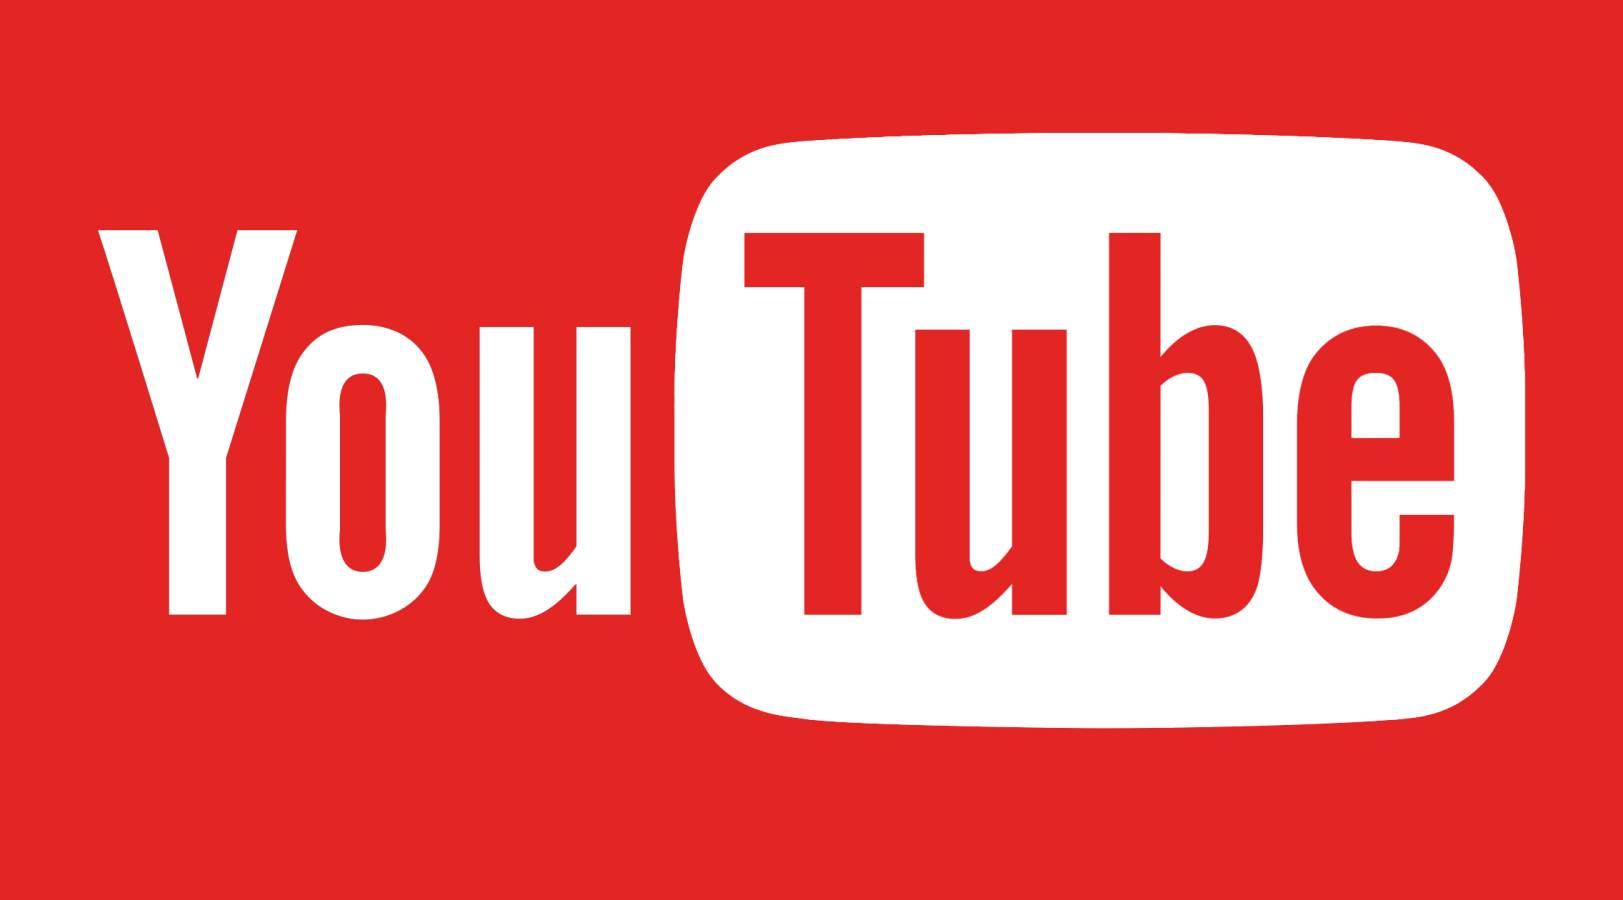 YouTube Actualizare Noua, ce Schimbari sunt Oferite Acum